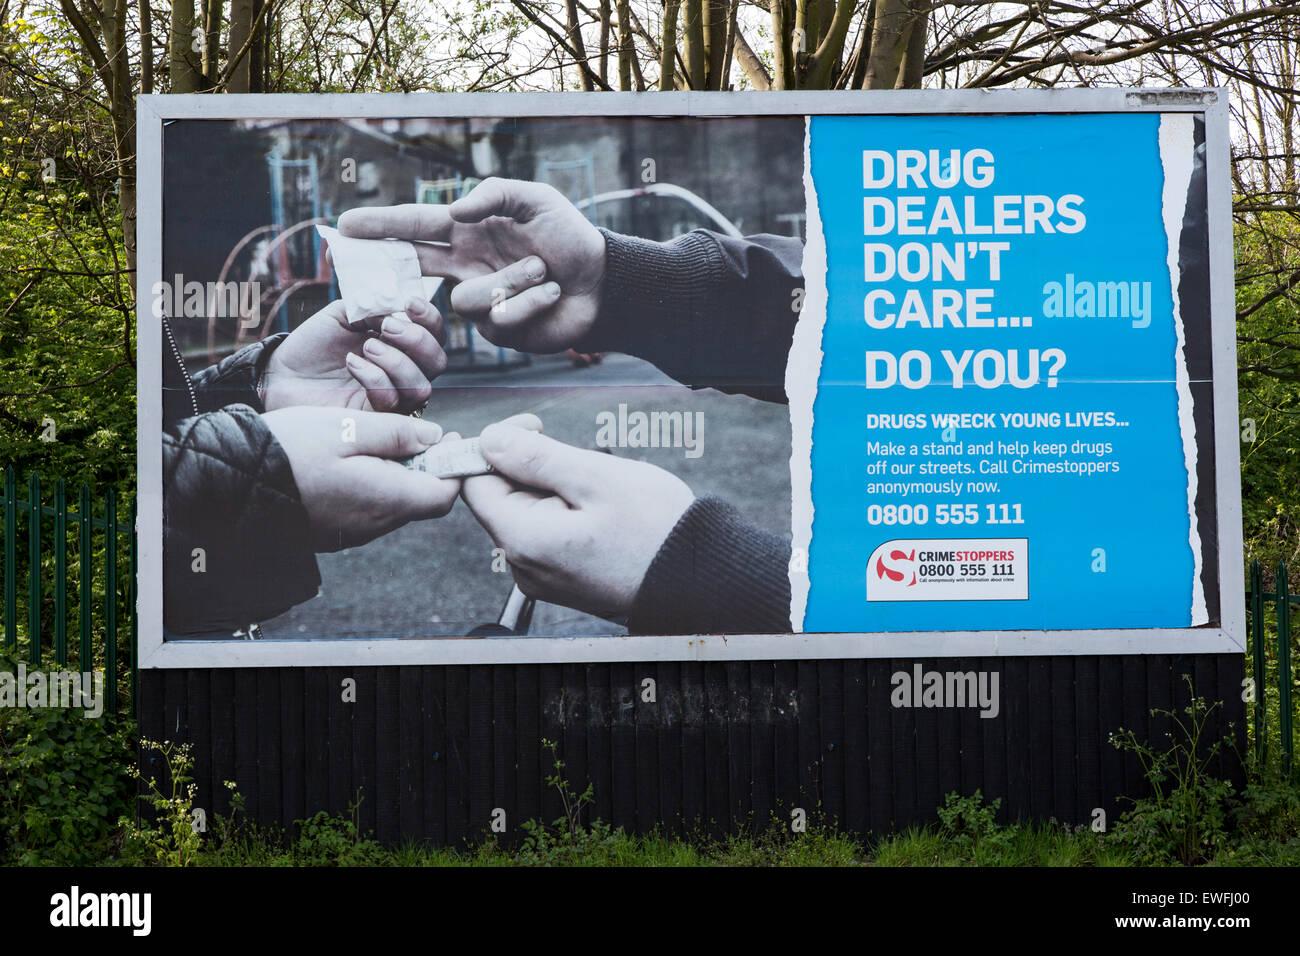 Anti drug dealing poster Ipswich, Suffolk, England, UK - Stock Image